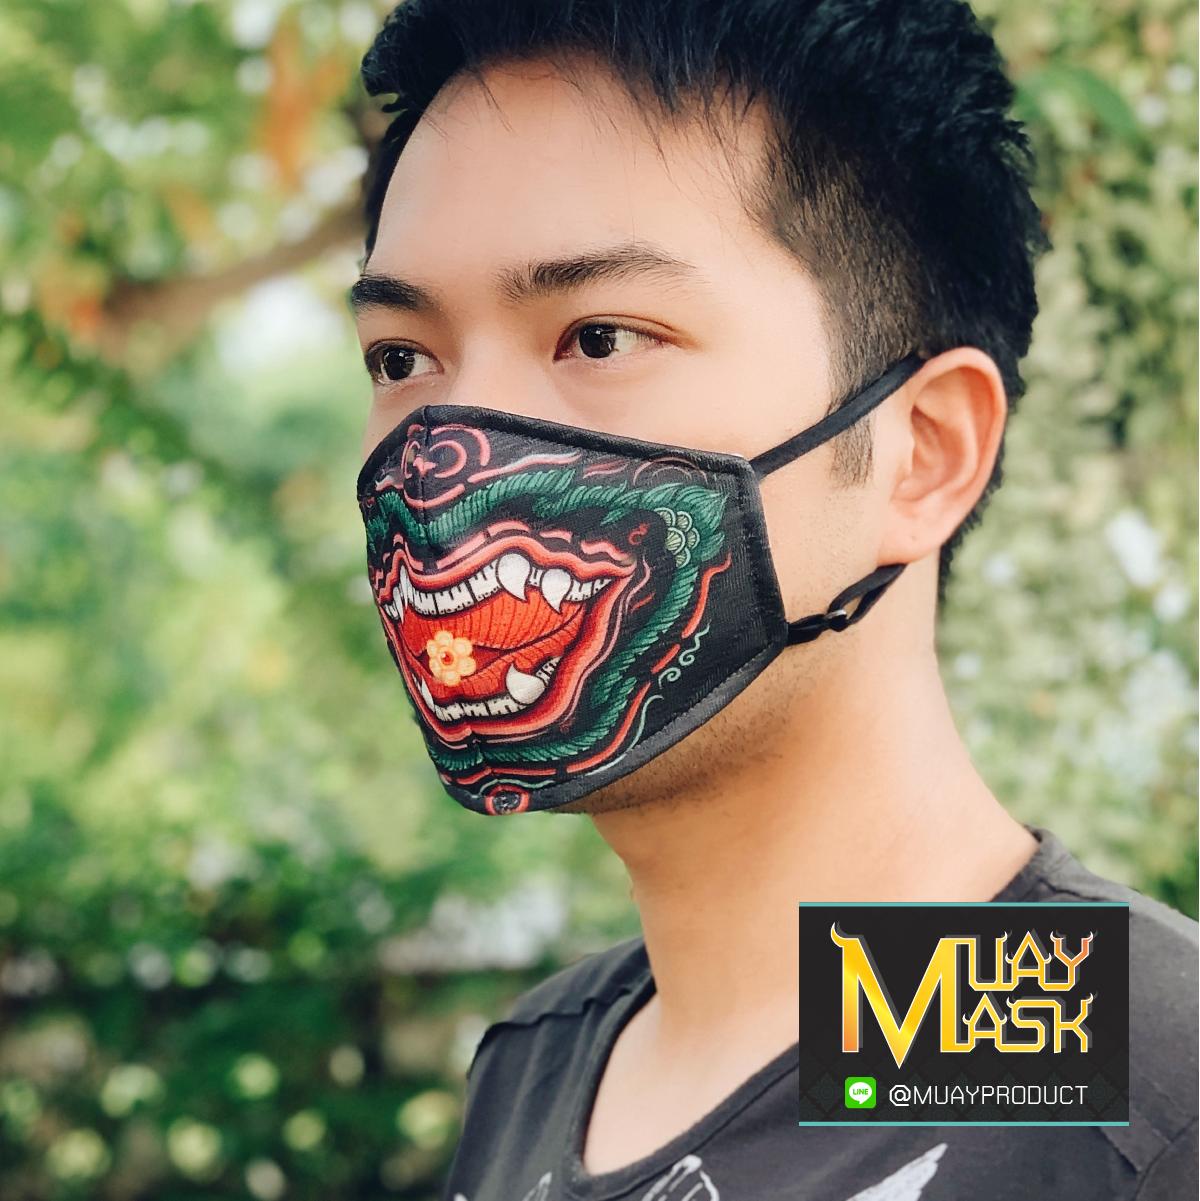 หน้ากากผ้าหนุมานสีดำปากอ้า (แลหาวเสริมโชคภาพบารมี)